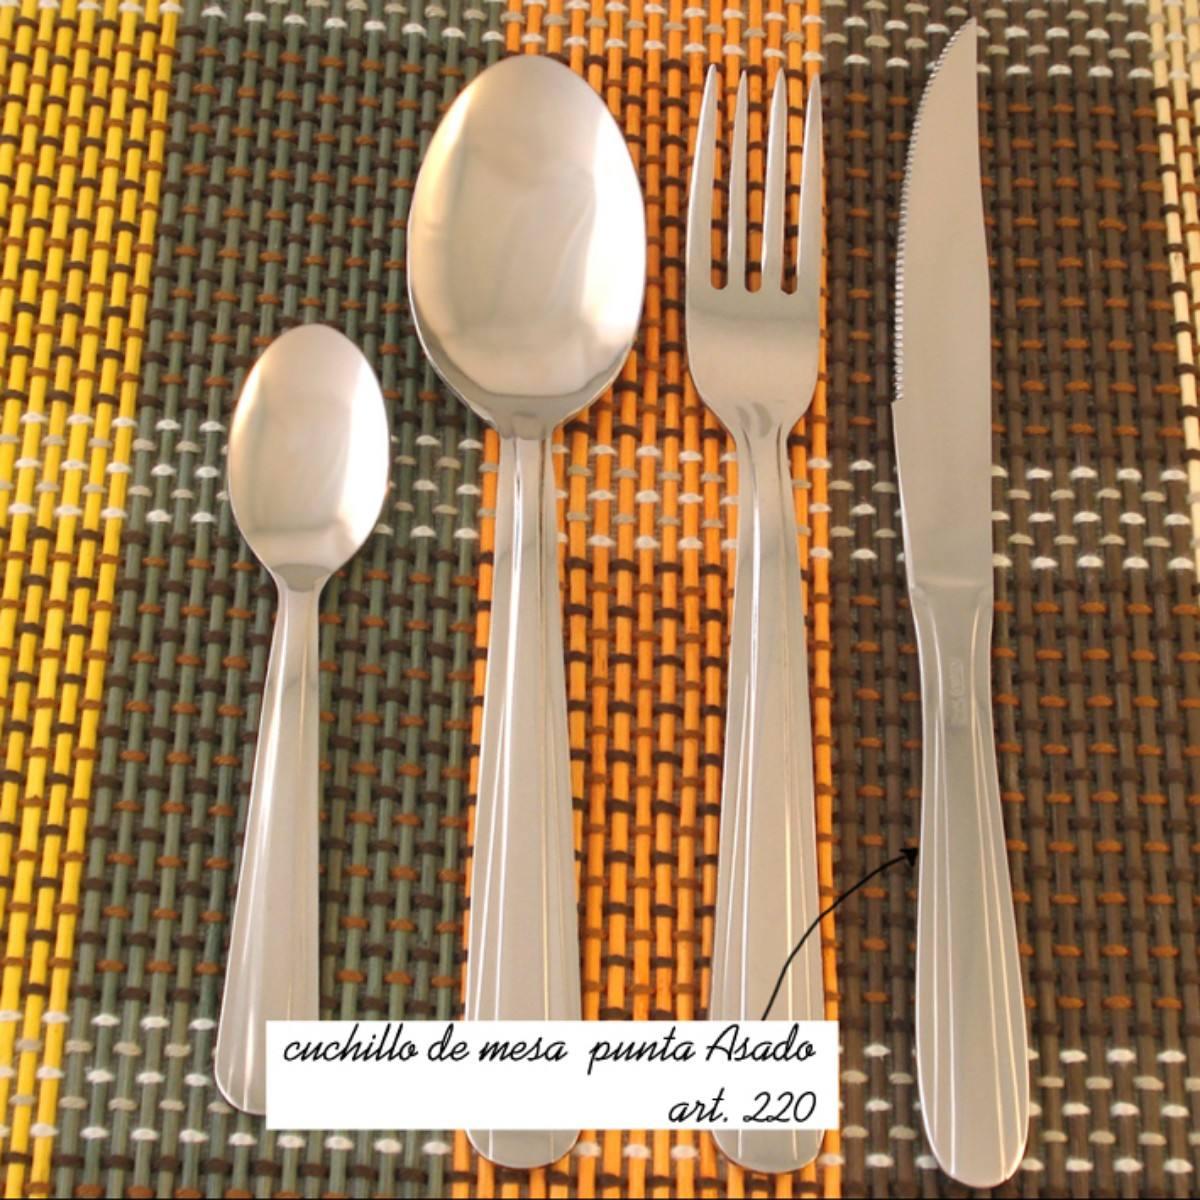 Cuchillos de mesa punta asado acero inoxidable 10 docenas